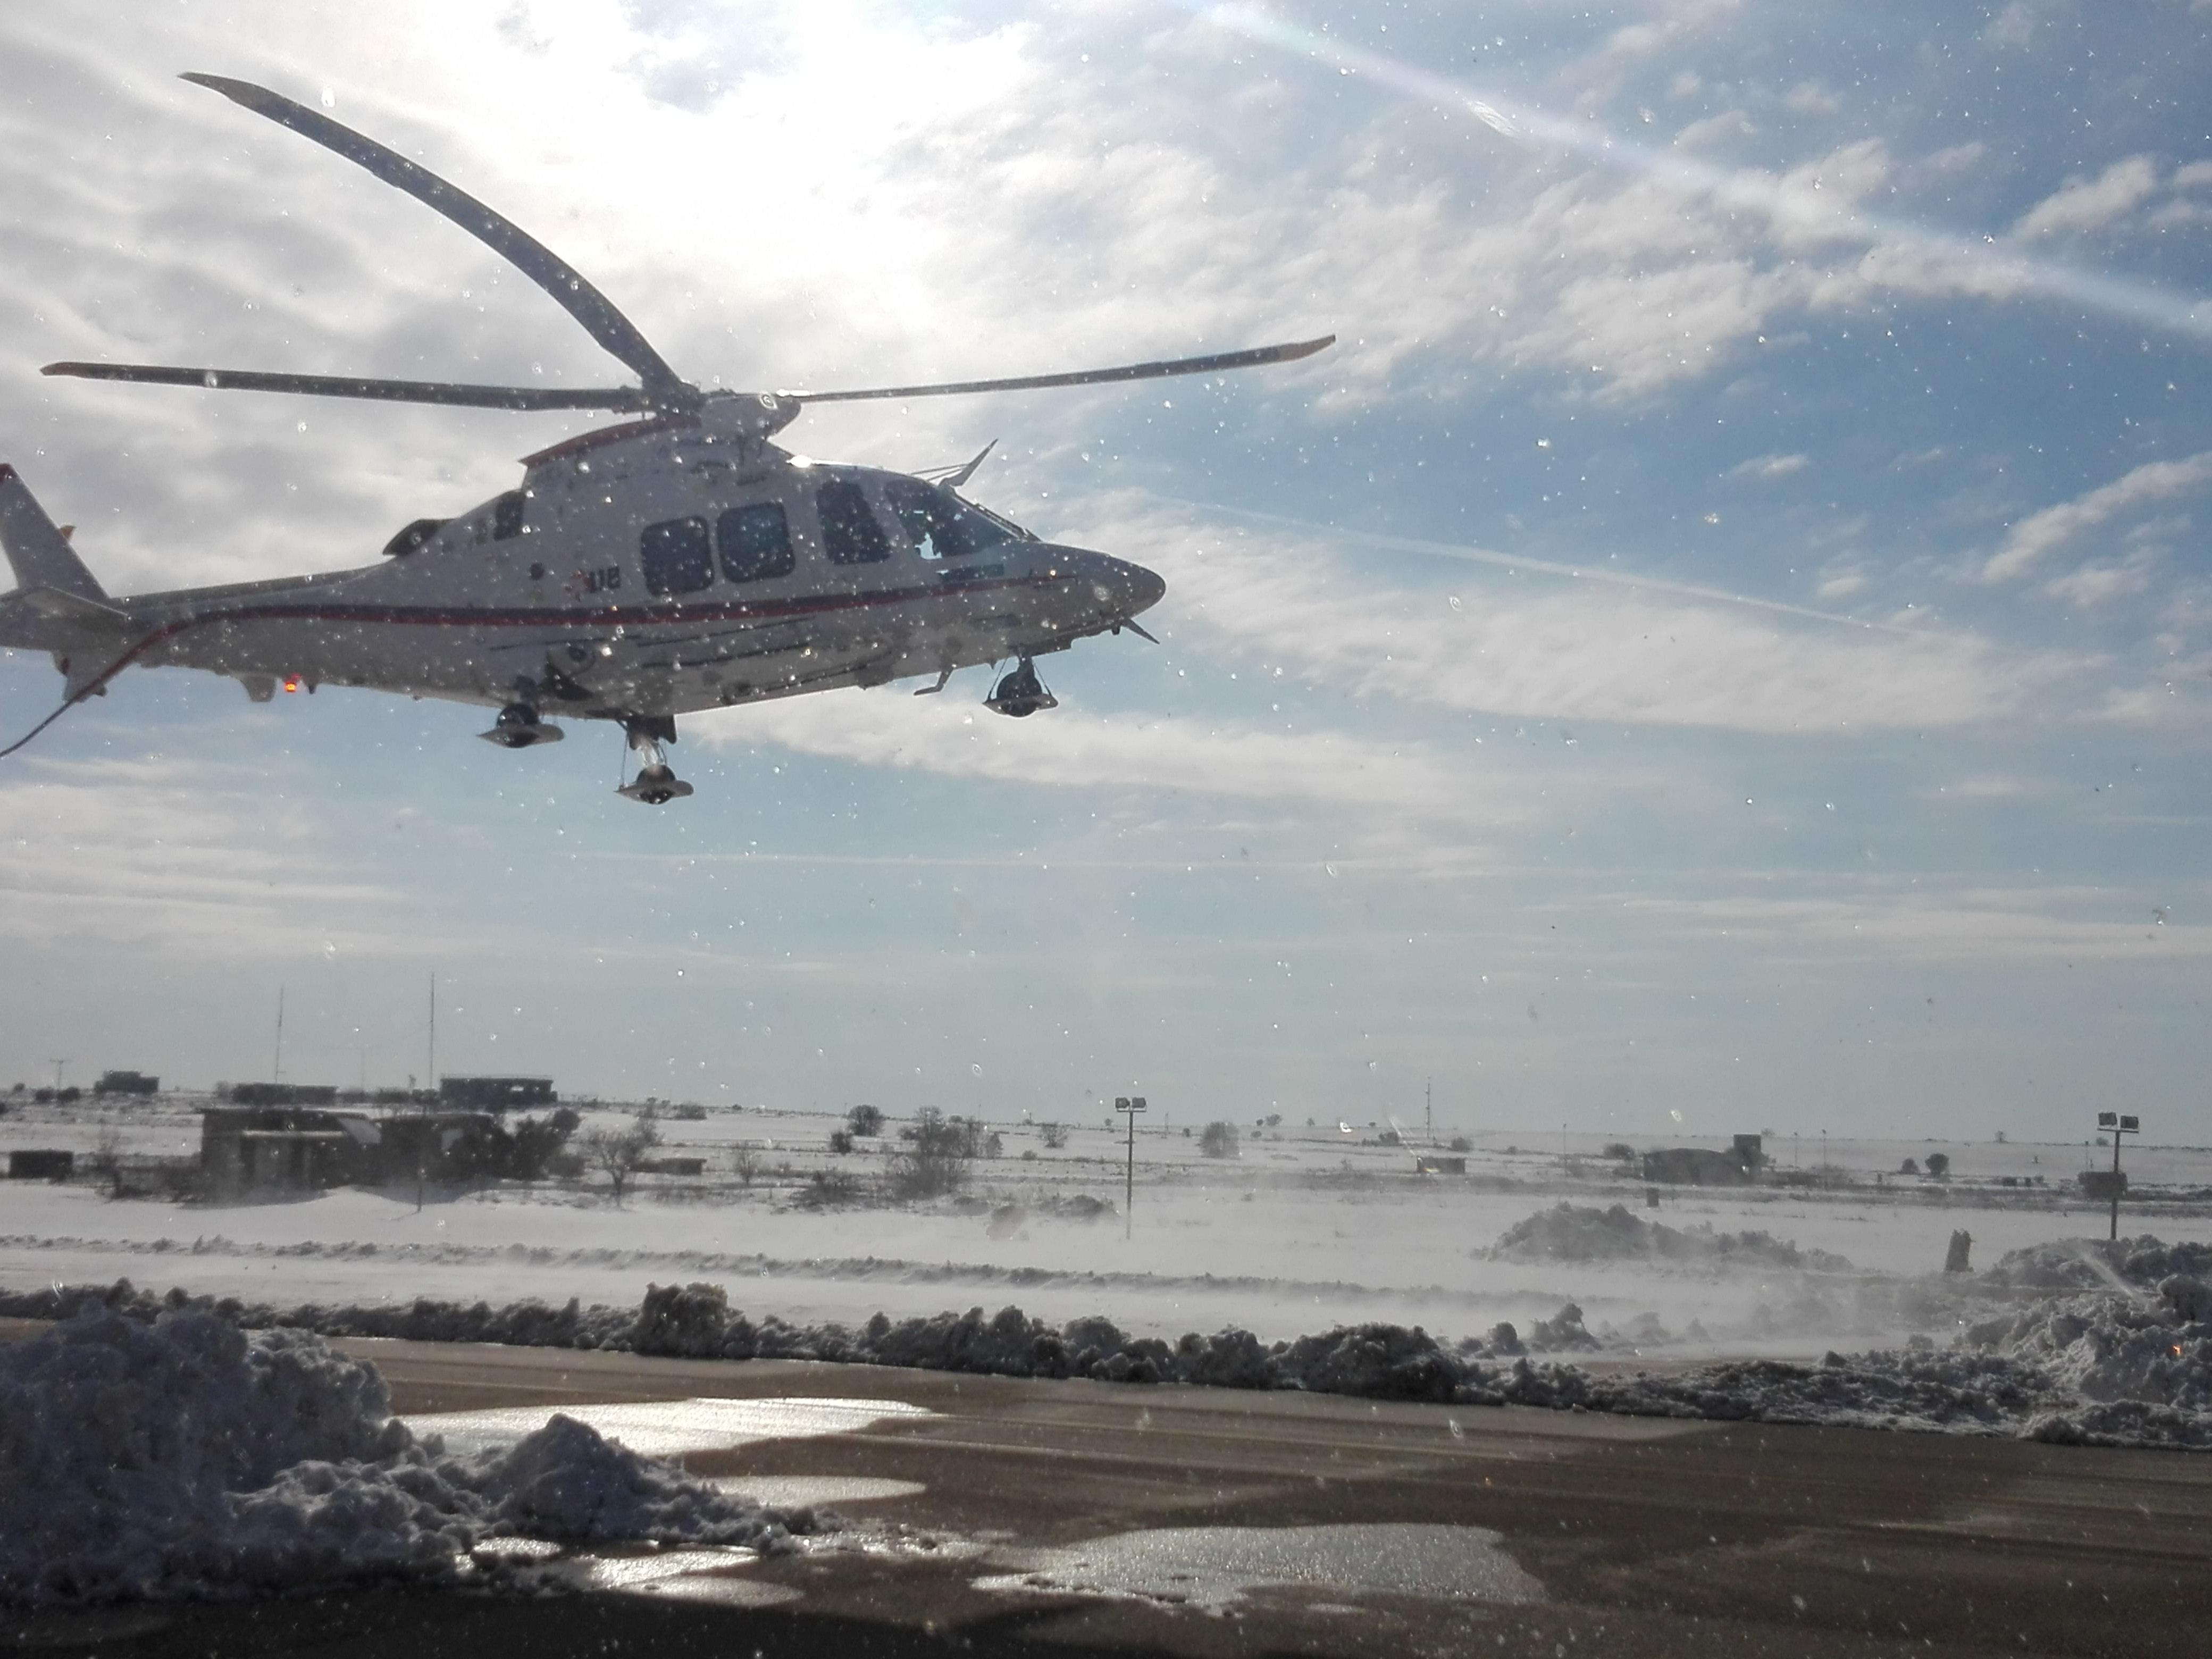 L'emergenza neve non ferma gli elicotteri in Puglia: Aeronautica attiva a Gioia del Colle